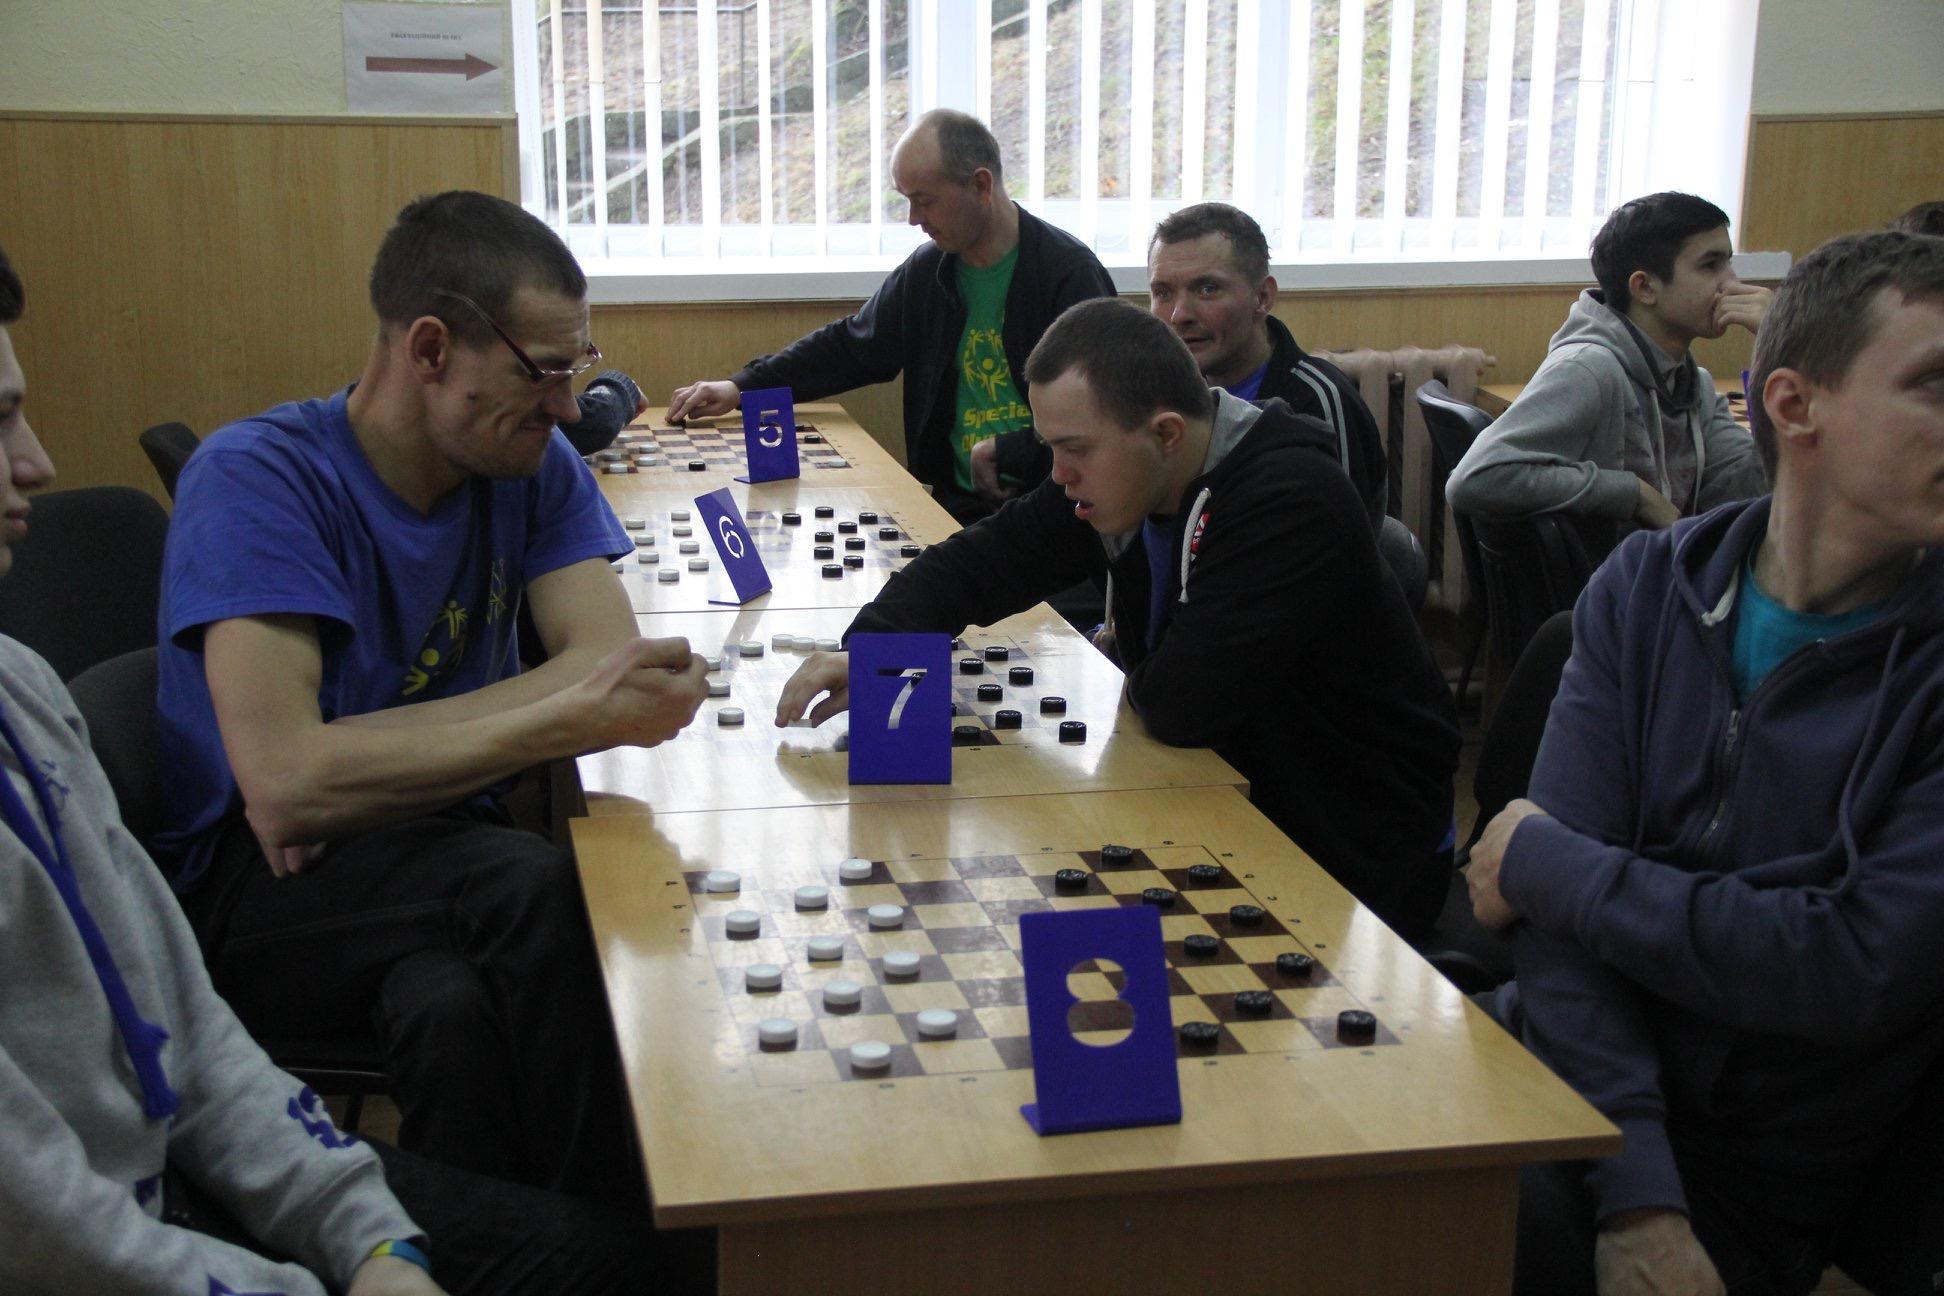 У Луцьку для осіб з інвалідністю організували змагання з шашок